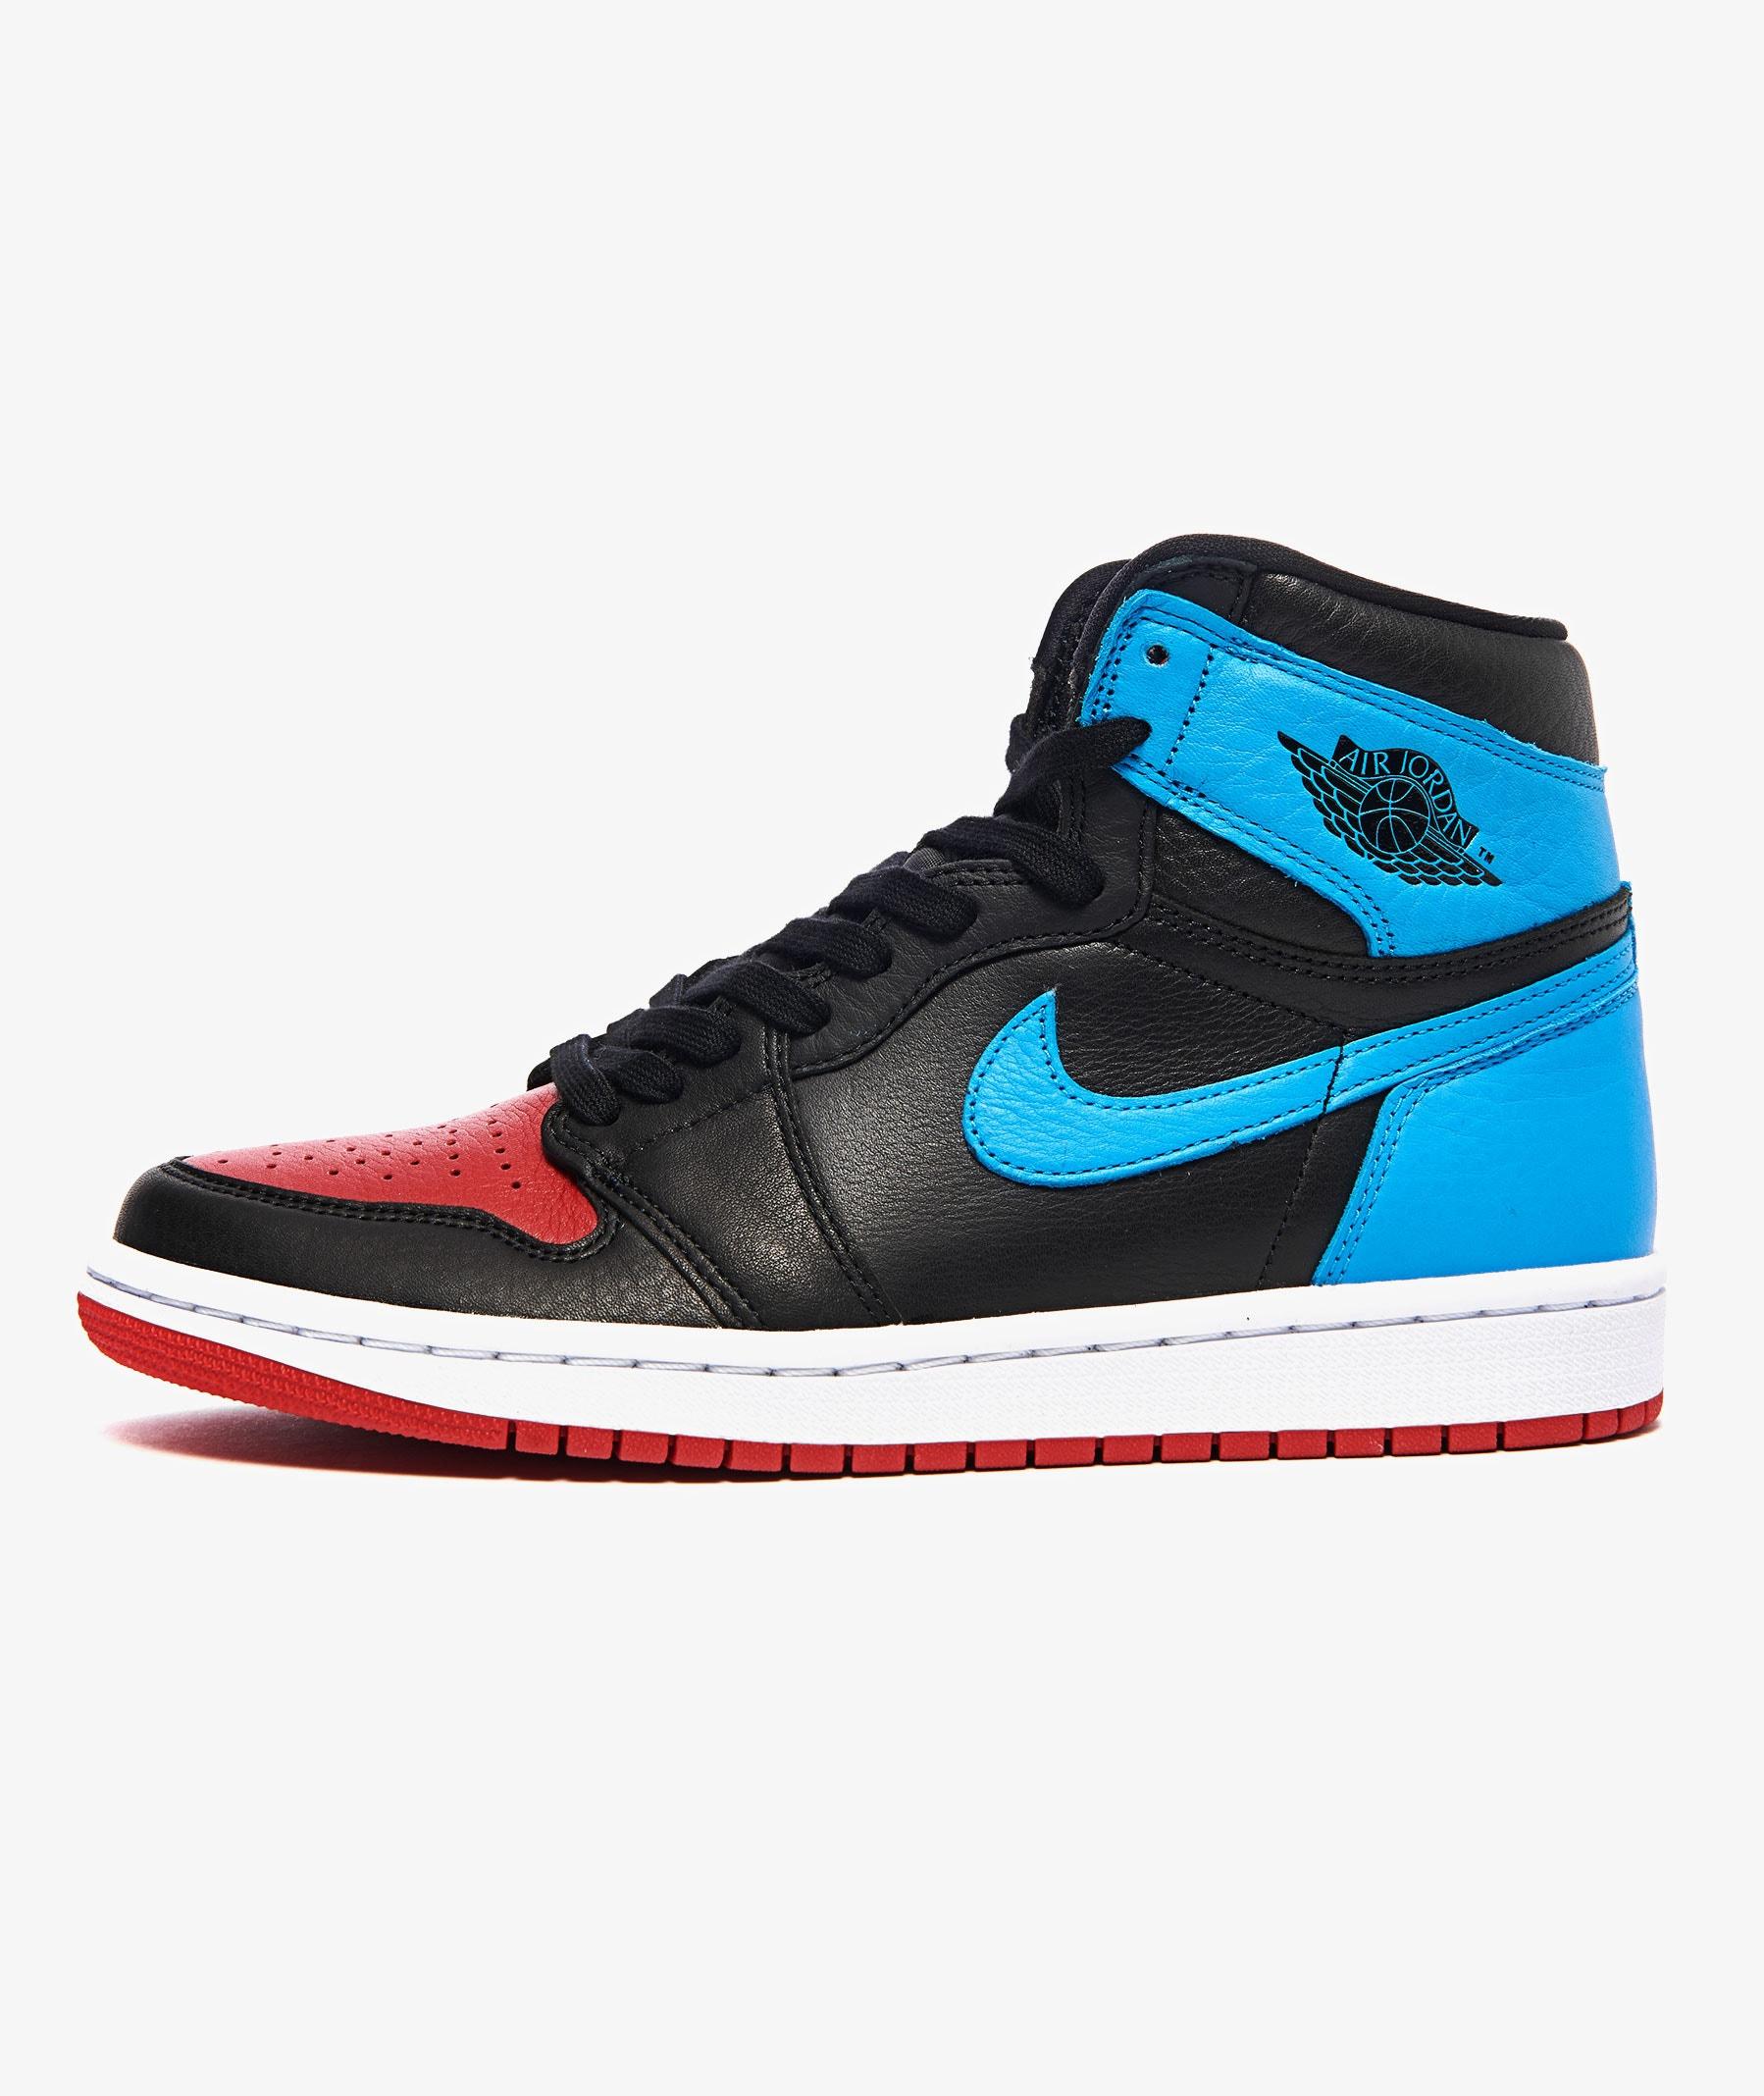 Jordan 1 High OG PS (Black, Dark Powder Blue & Red) | END